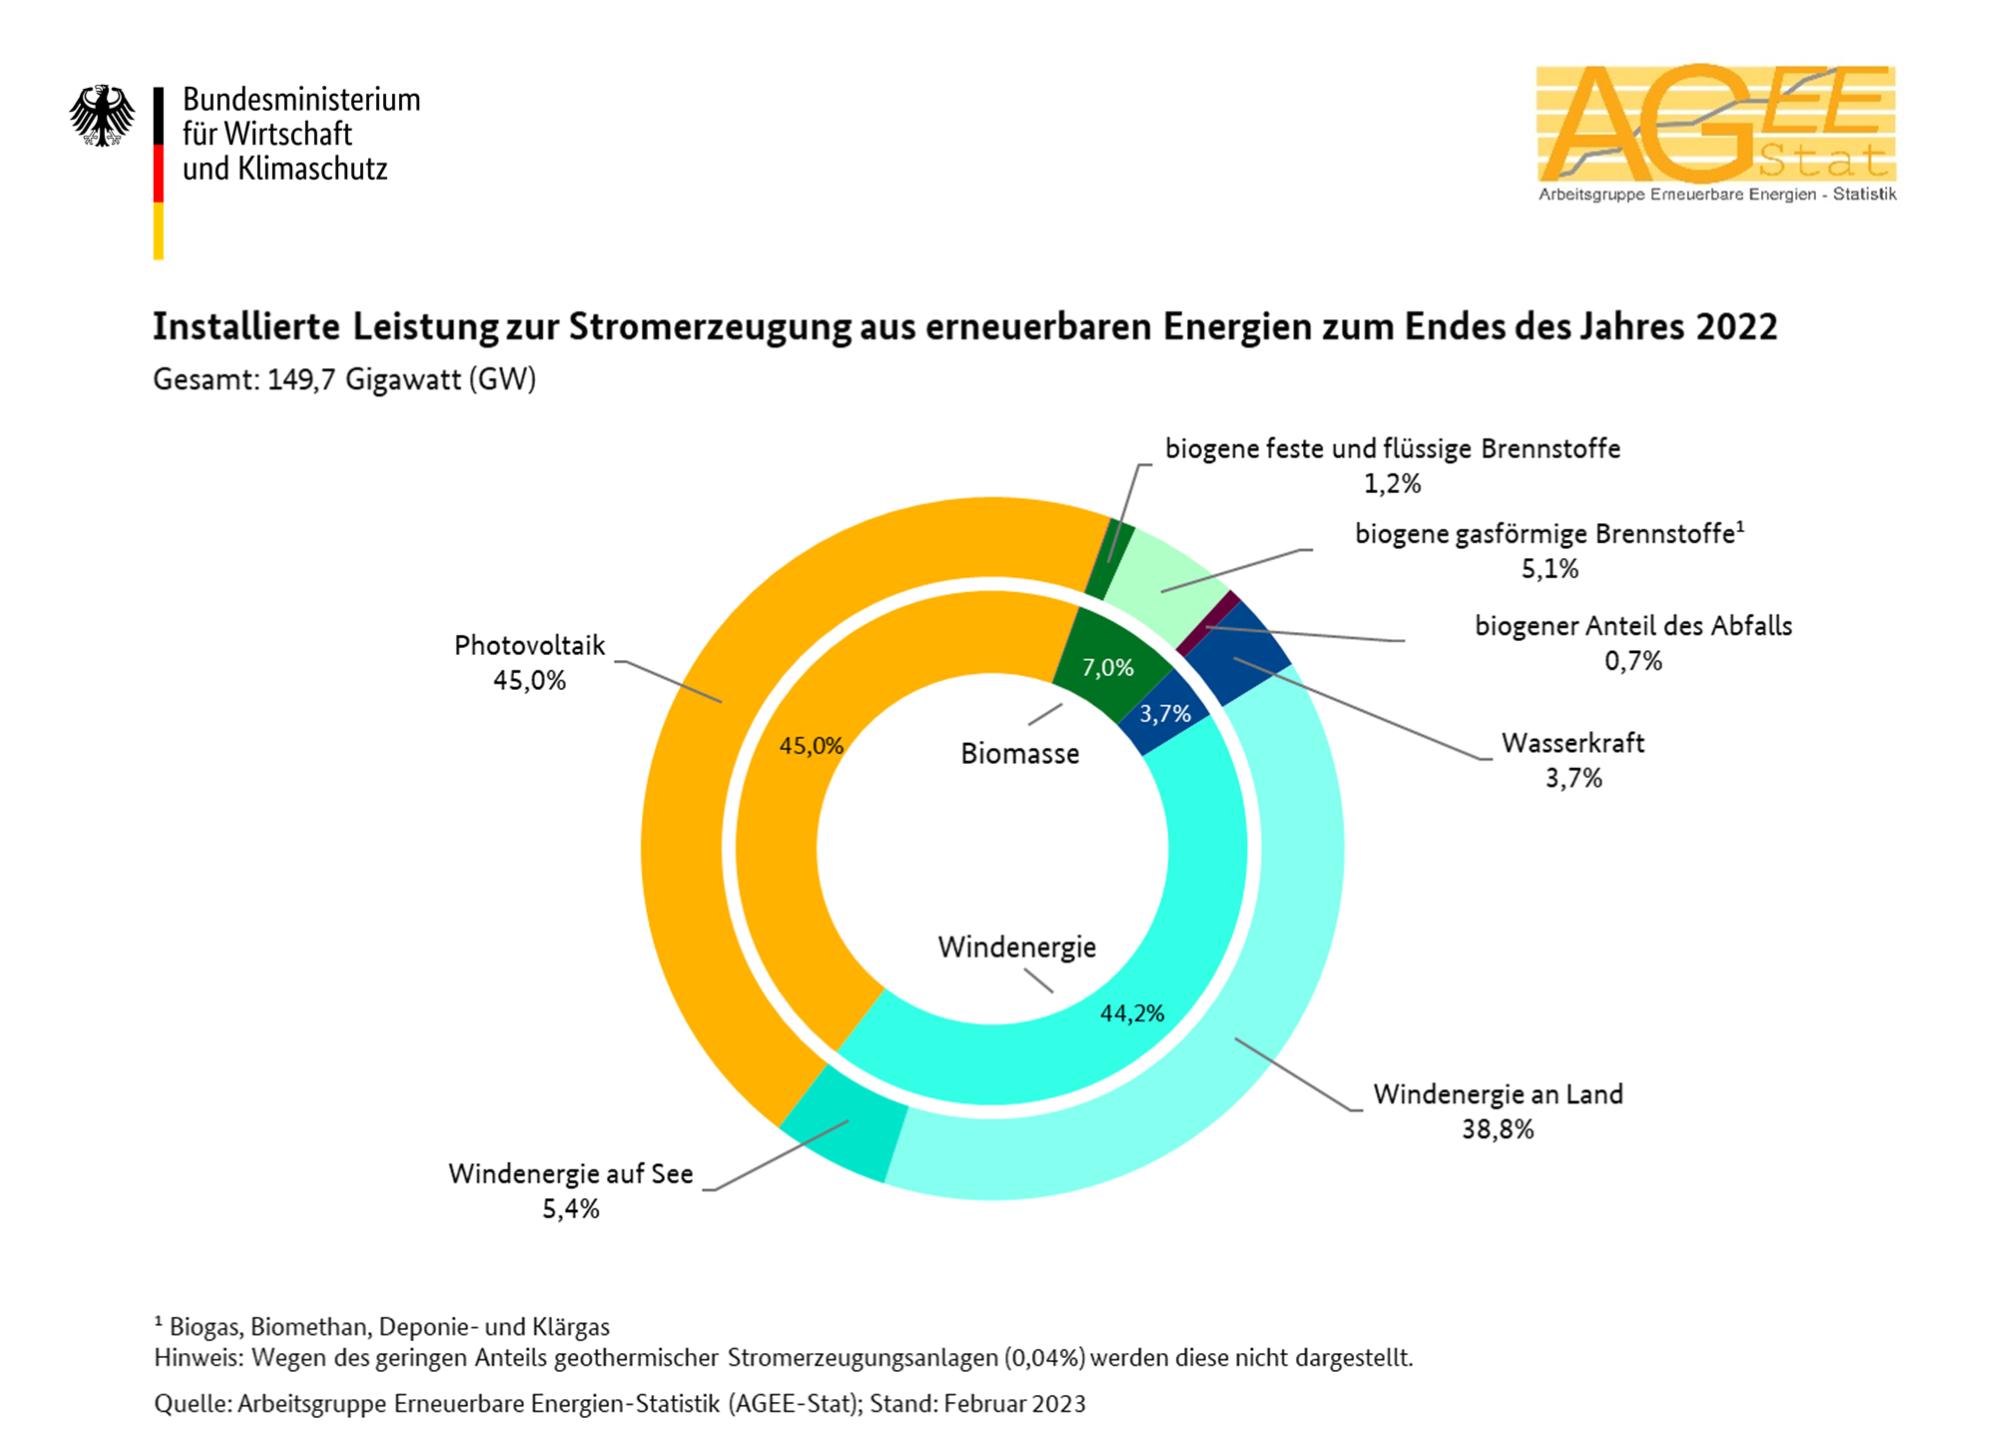 Großzügig Diagramm Der Motorkomponenten Zeitgenössisch - Die Besten ...